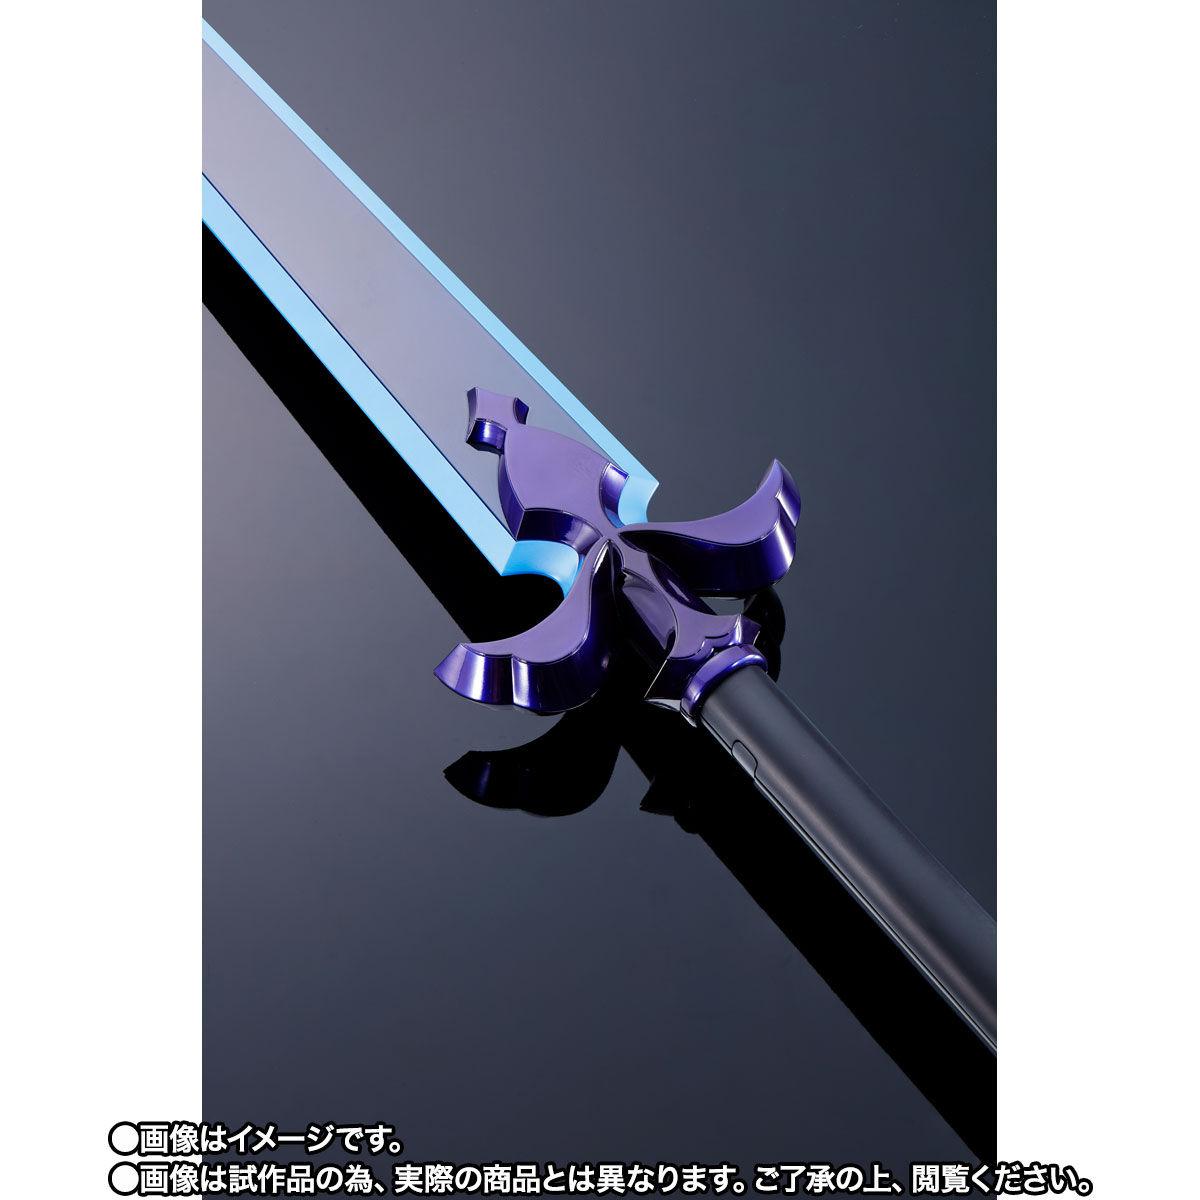 【限定販売】PROPLICA 『夜空の剣』ソードアート・オンライン 変身なりきり-005